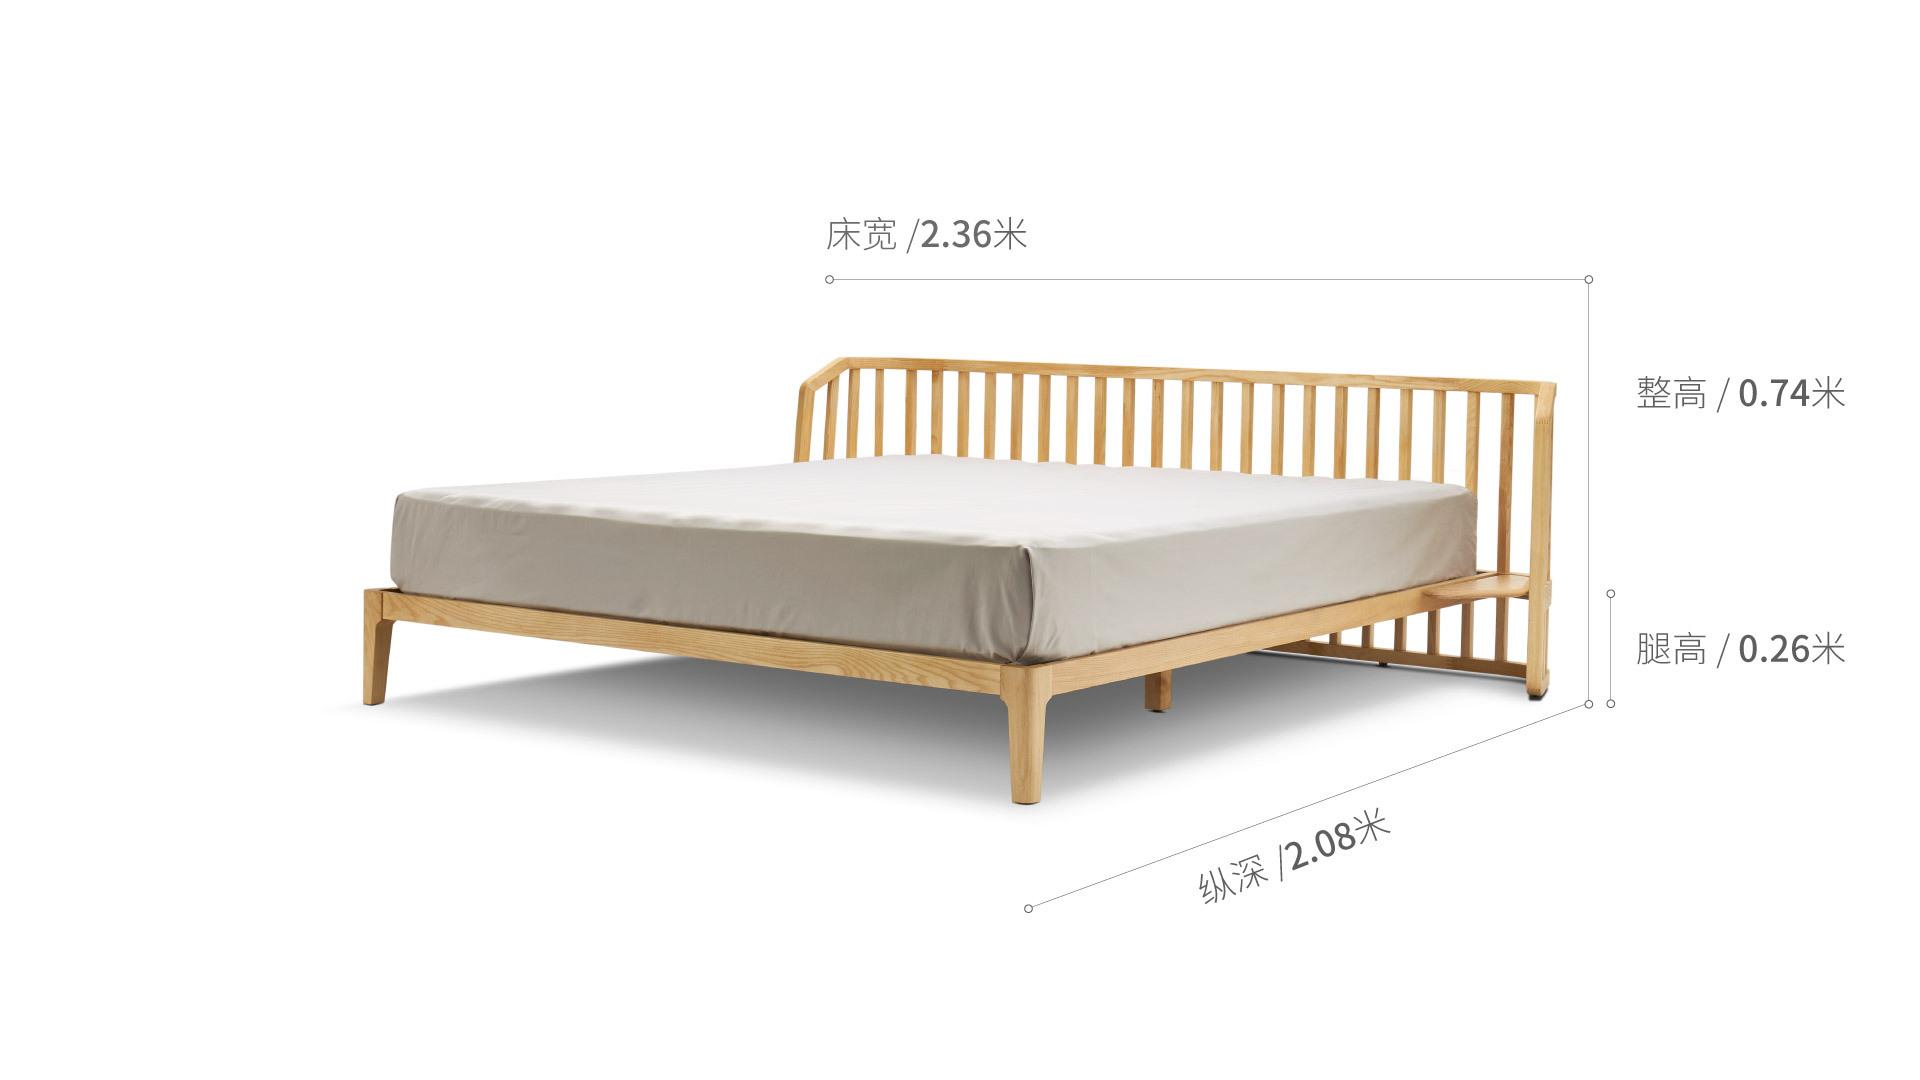 竖琴床床·床品效果图